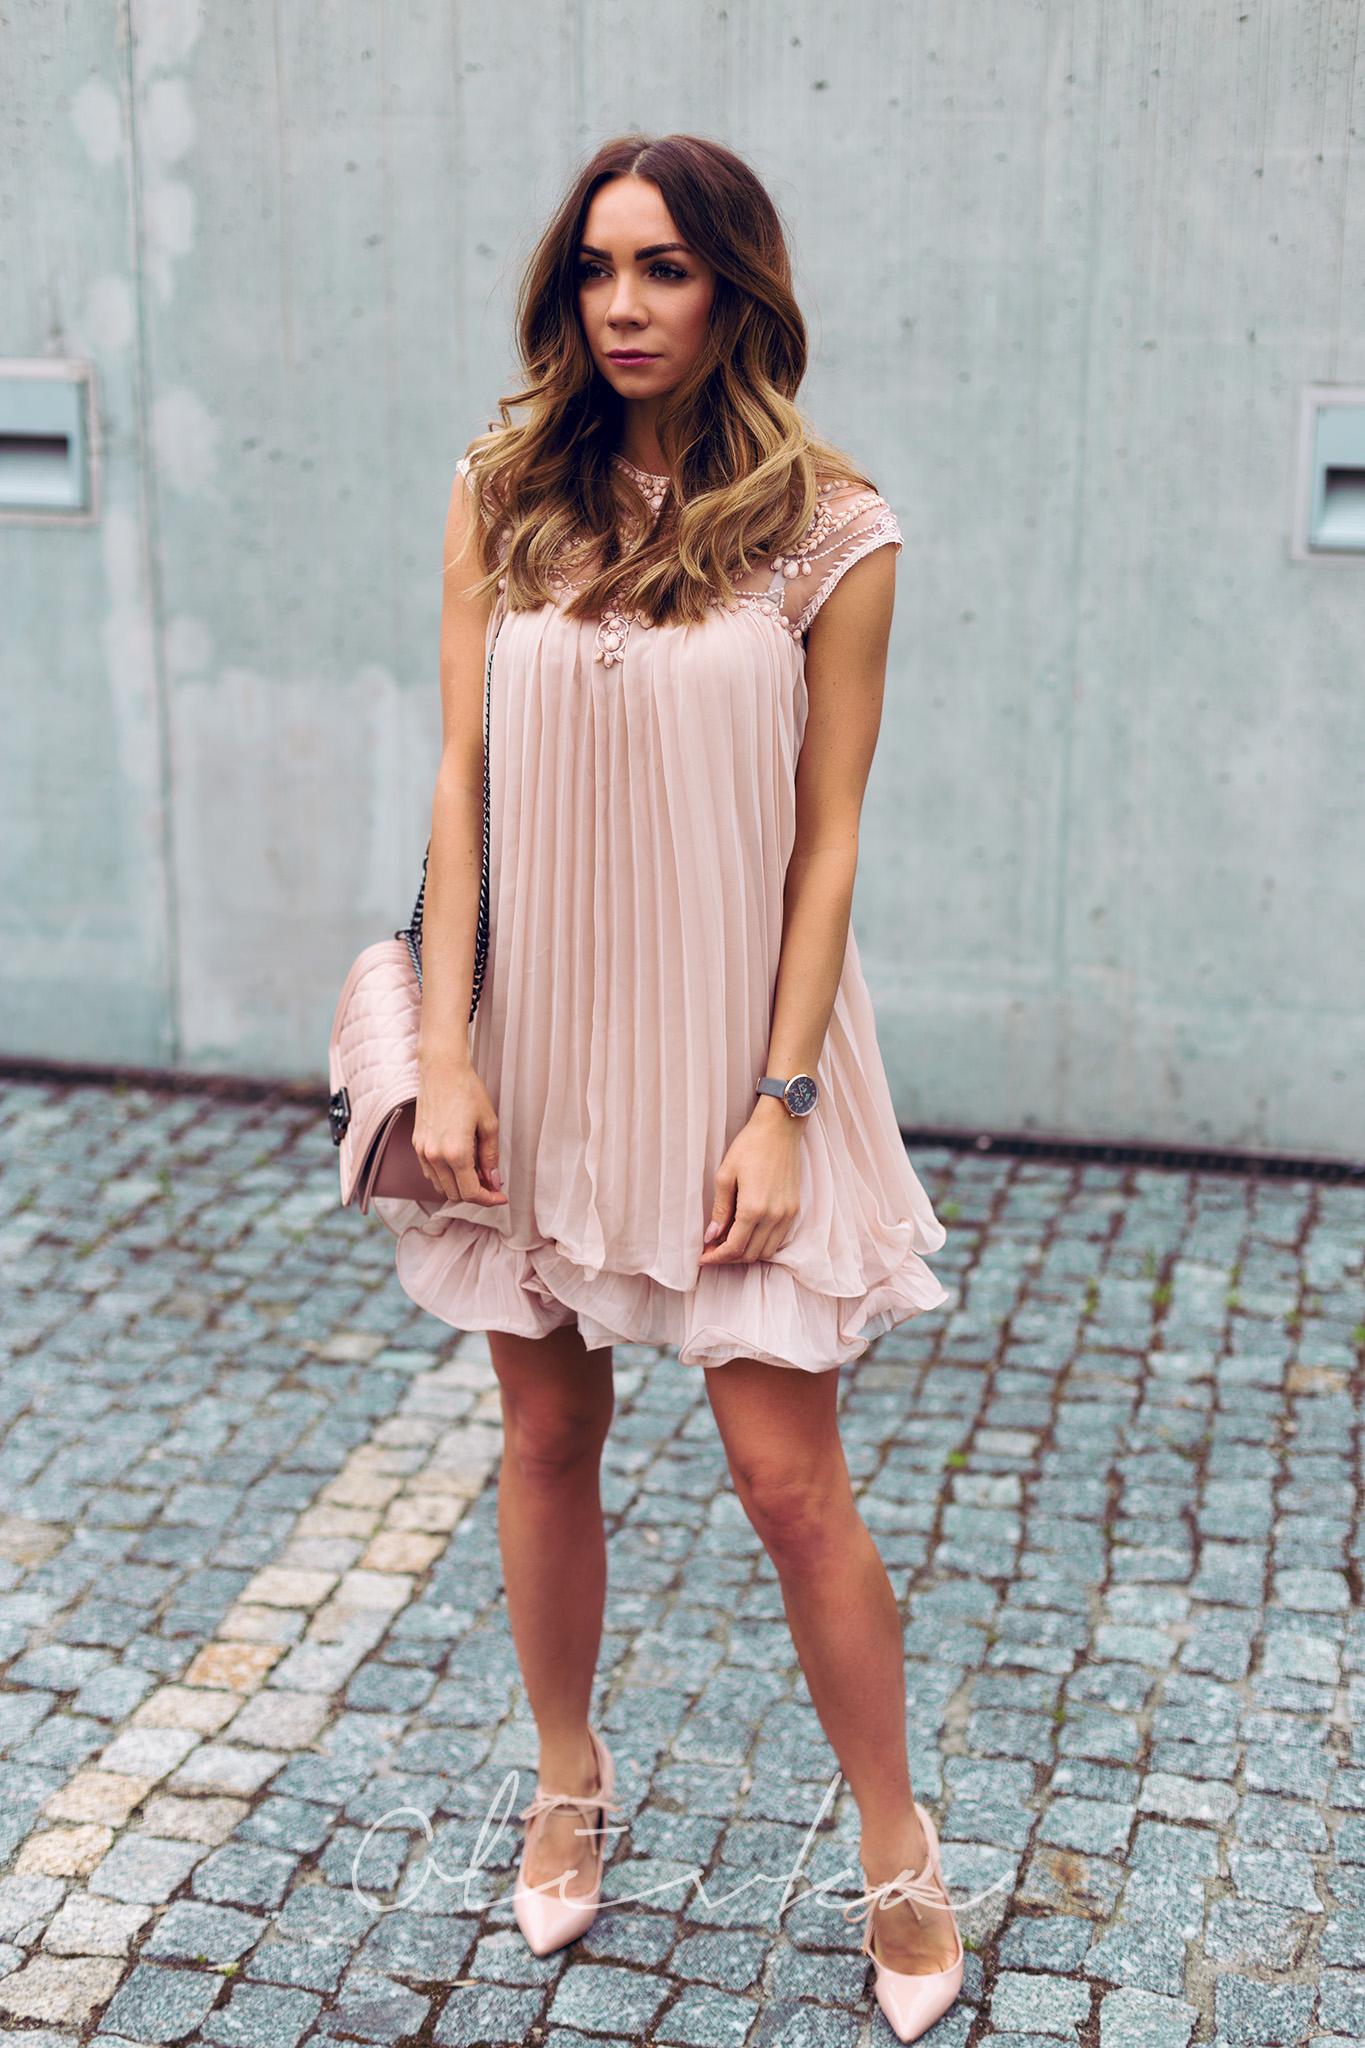 Sukienka na wesele OlivkaBlog.pl to moda, lifestyle i podróże